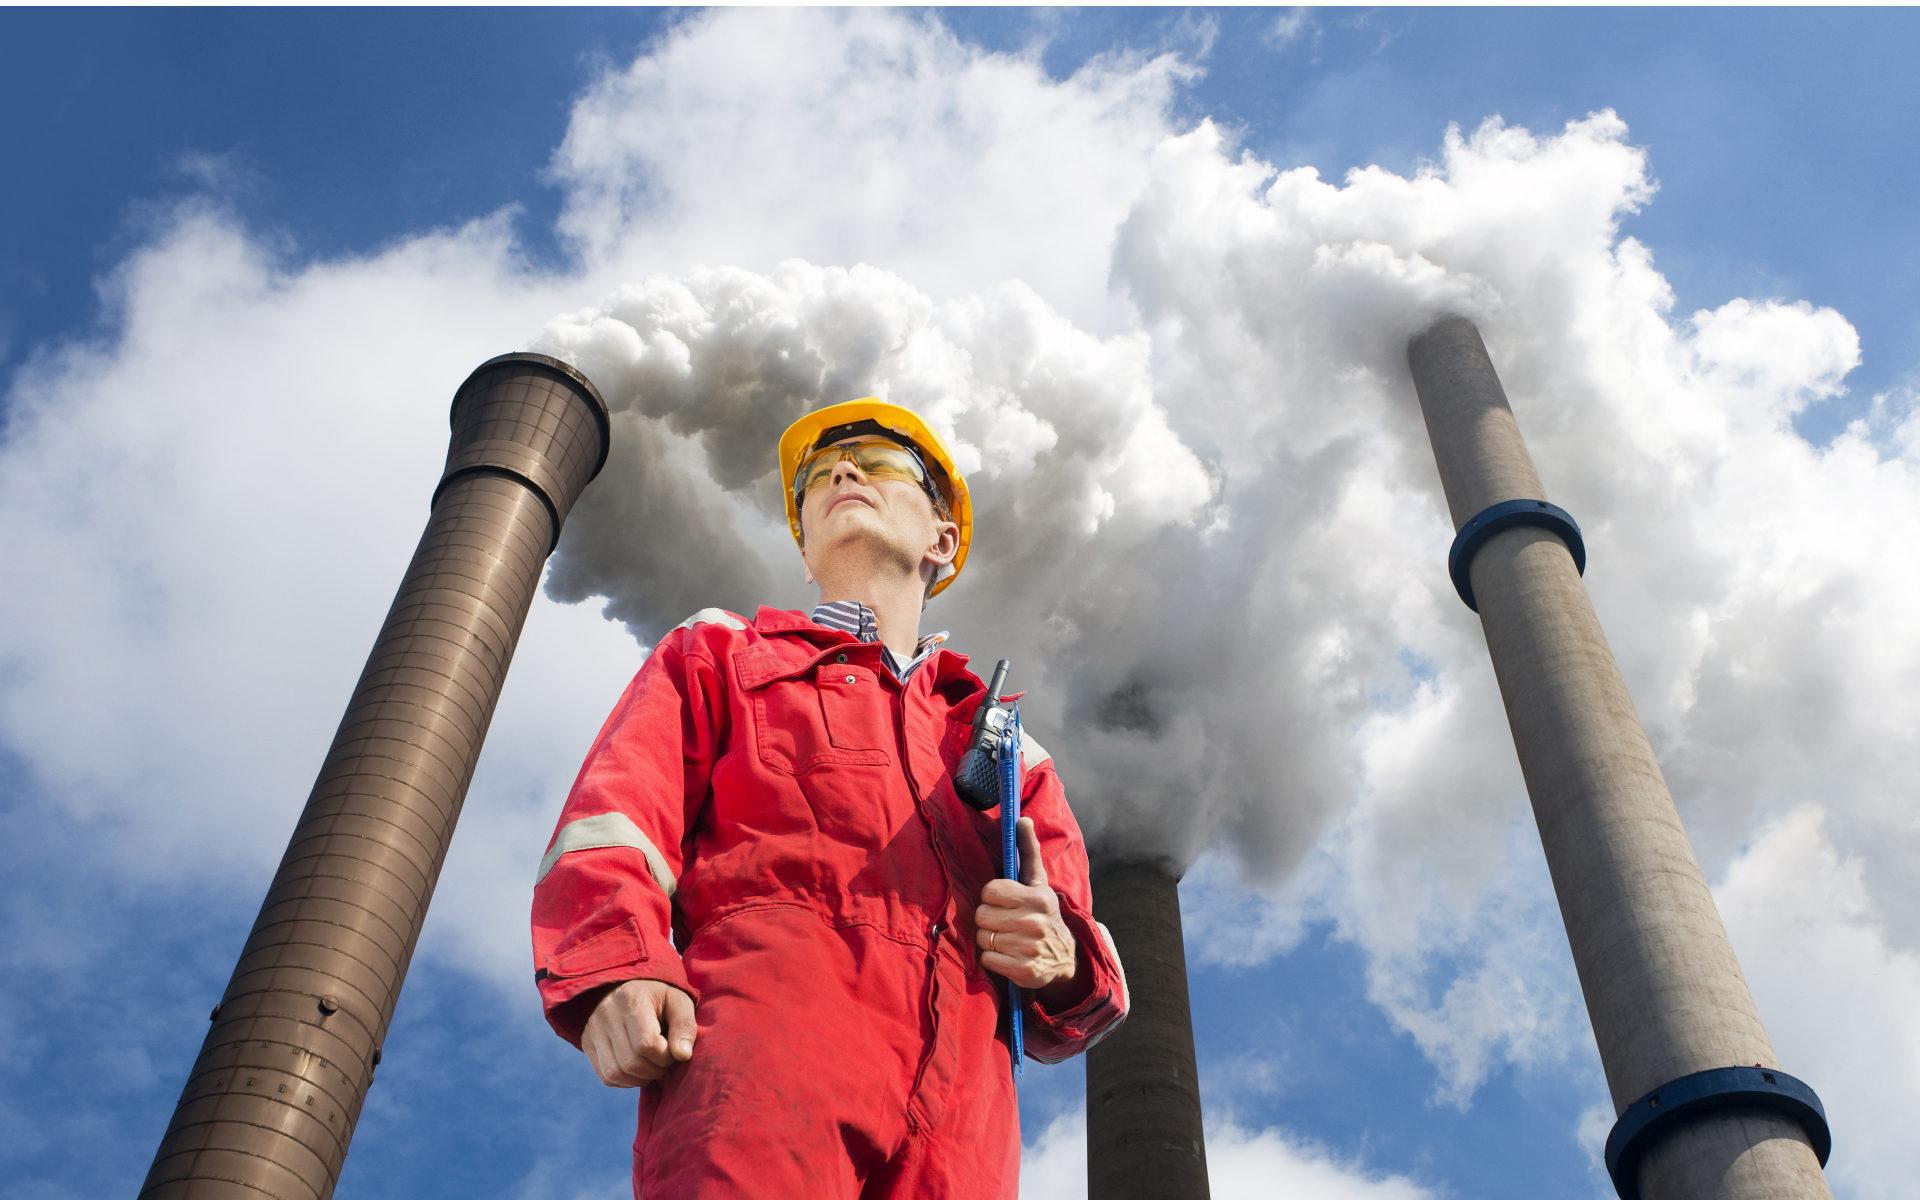 Сертификационный аудит предусматривает выезд на предприятие, изучение всех производственных процессов. Обязательно проводятся замеры по показателям потенциально опасных и вредных выбросов.